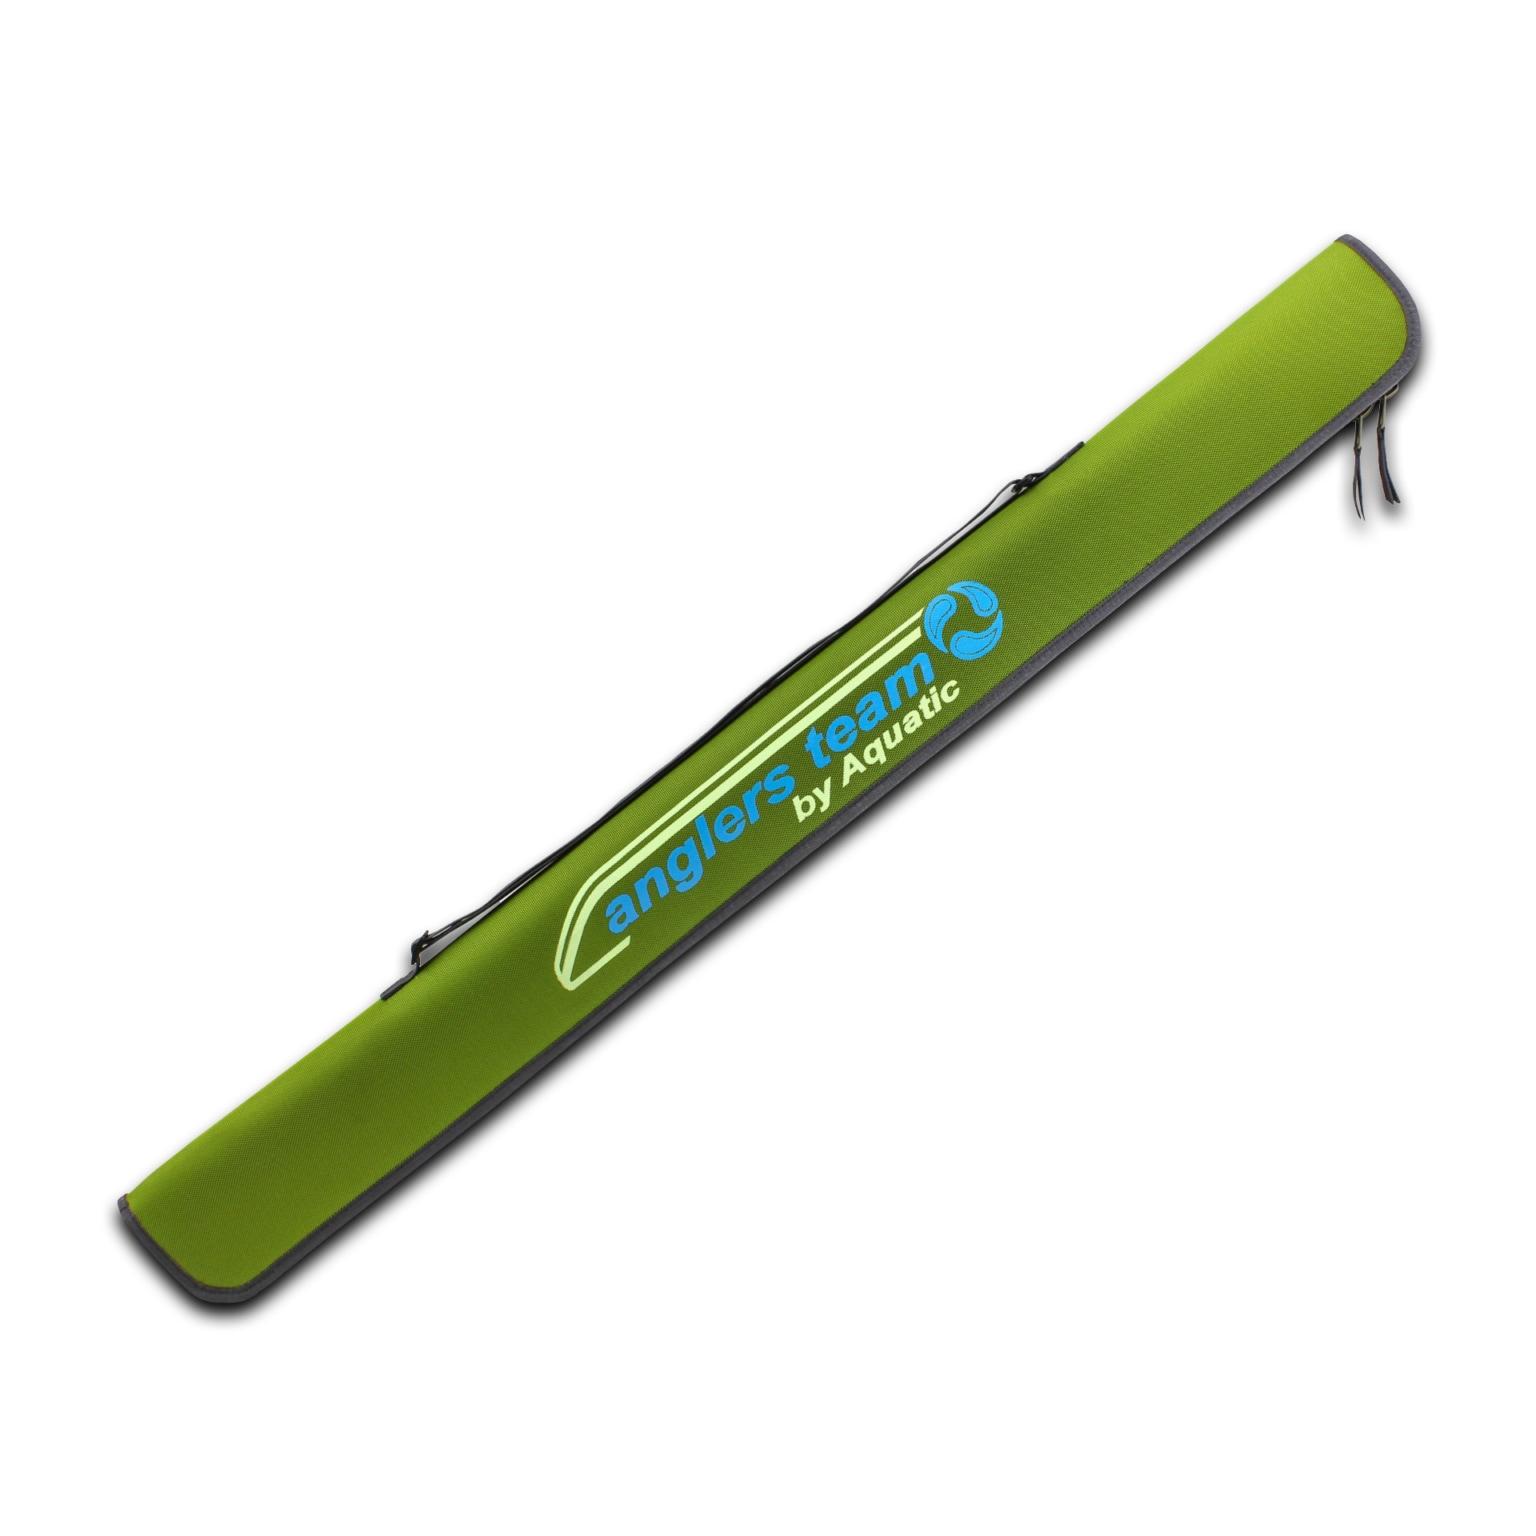 Чехол Aquatic Ч-45 полужёсткий для спиннинга